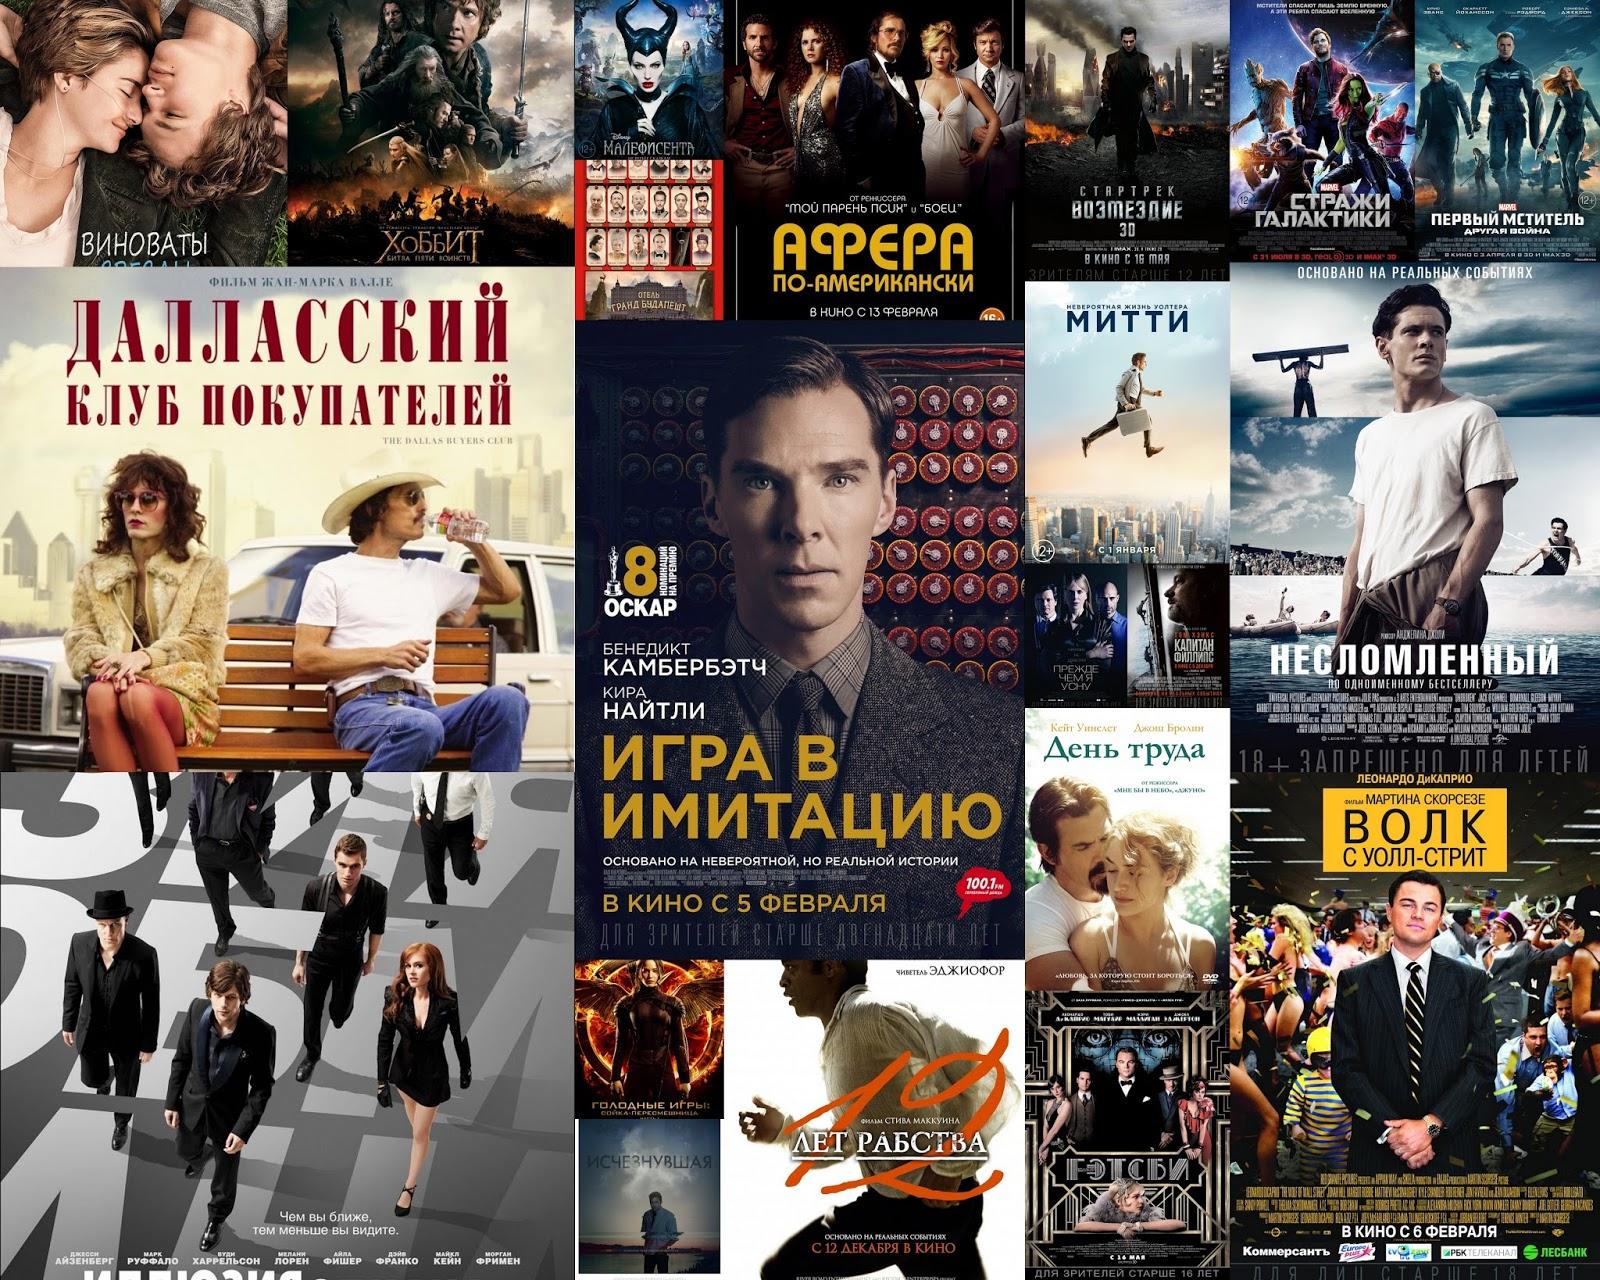 Смотреть онлайн фильмы бесплатно в хорошем качестве и без